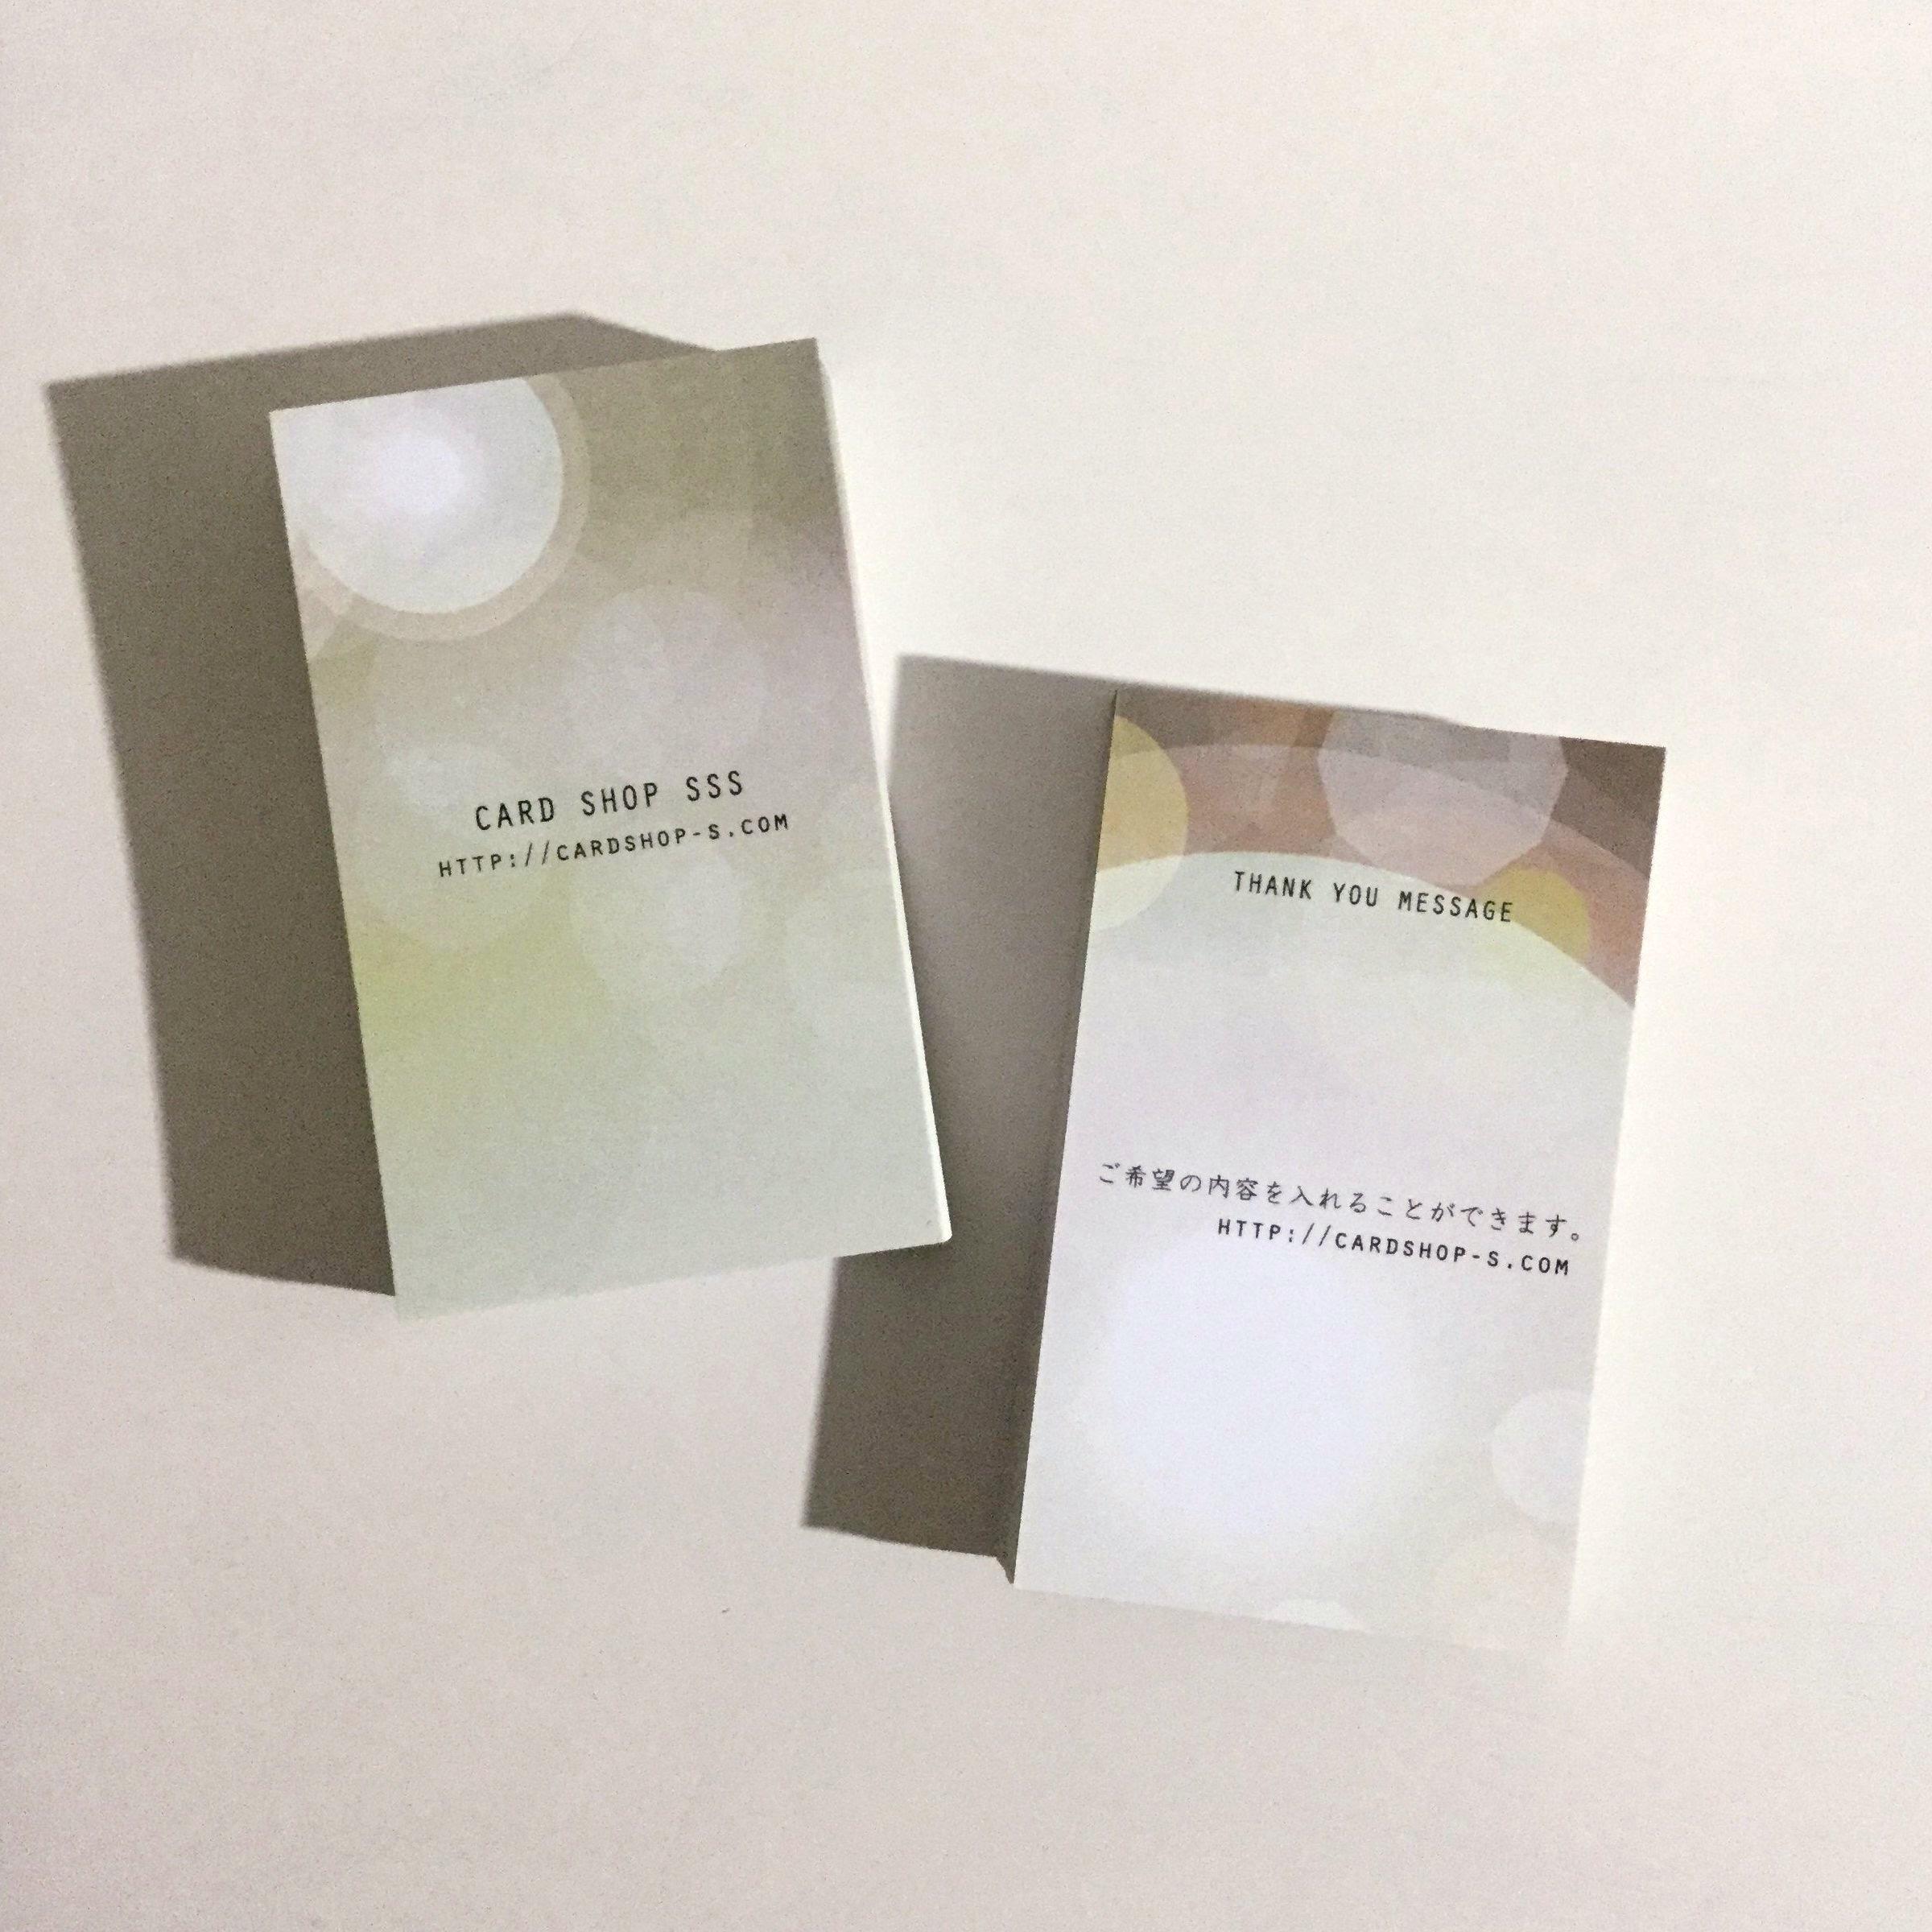 37d2_free【100枚】カスタマイズ名刺【ショップカード】